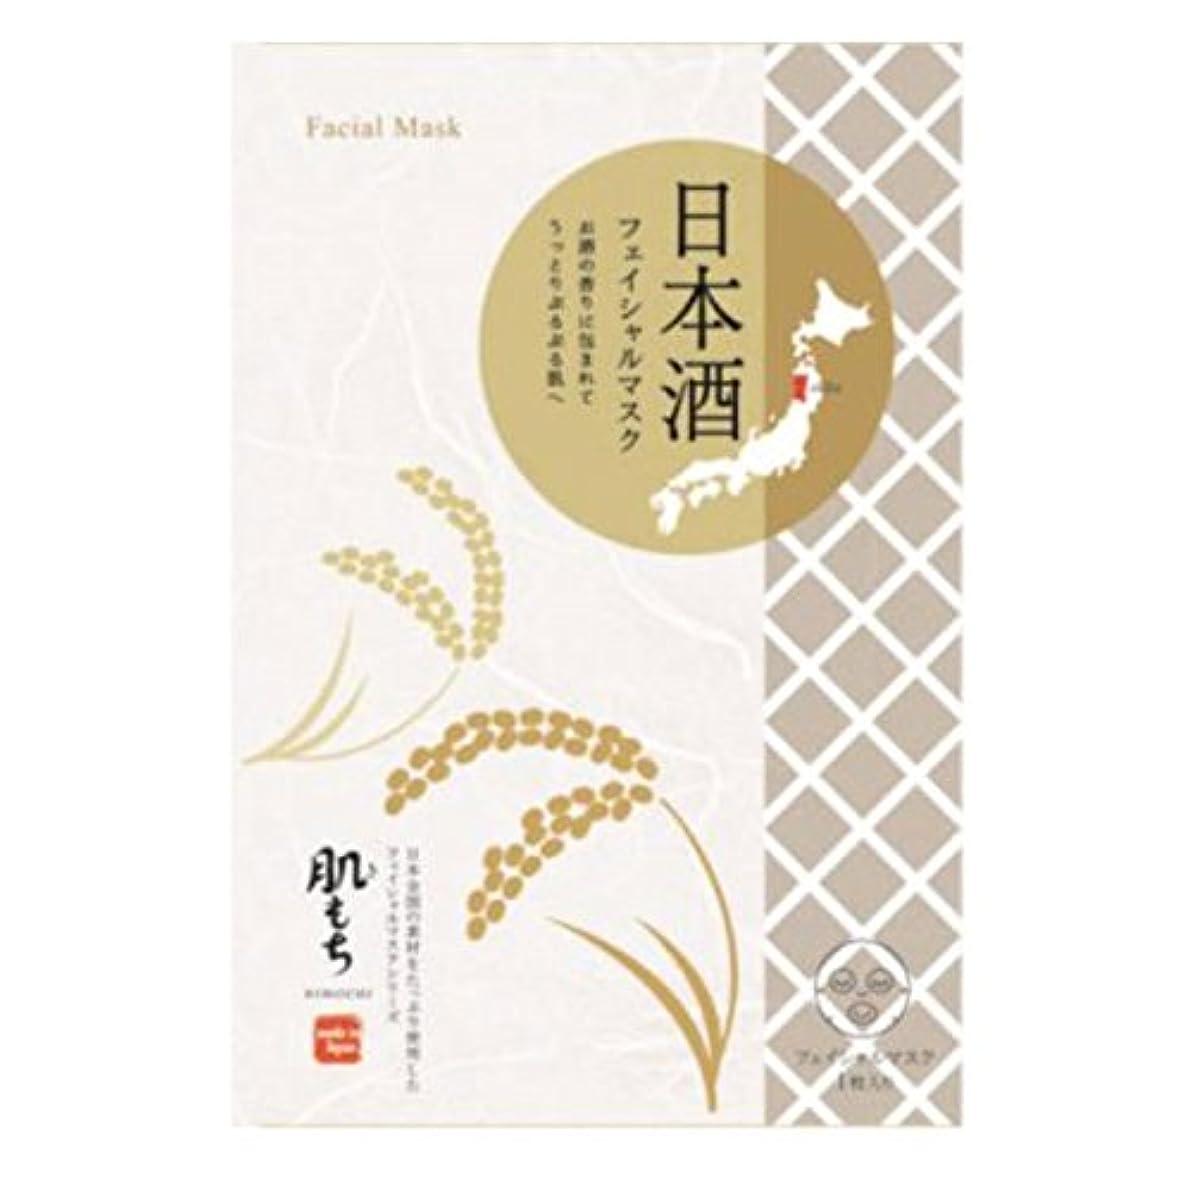 お誕生日マーキー三十肌もち(きもち) フェイシャルマスク 日本酒(1枚20ml) 5枚セット